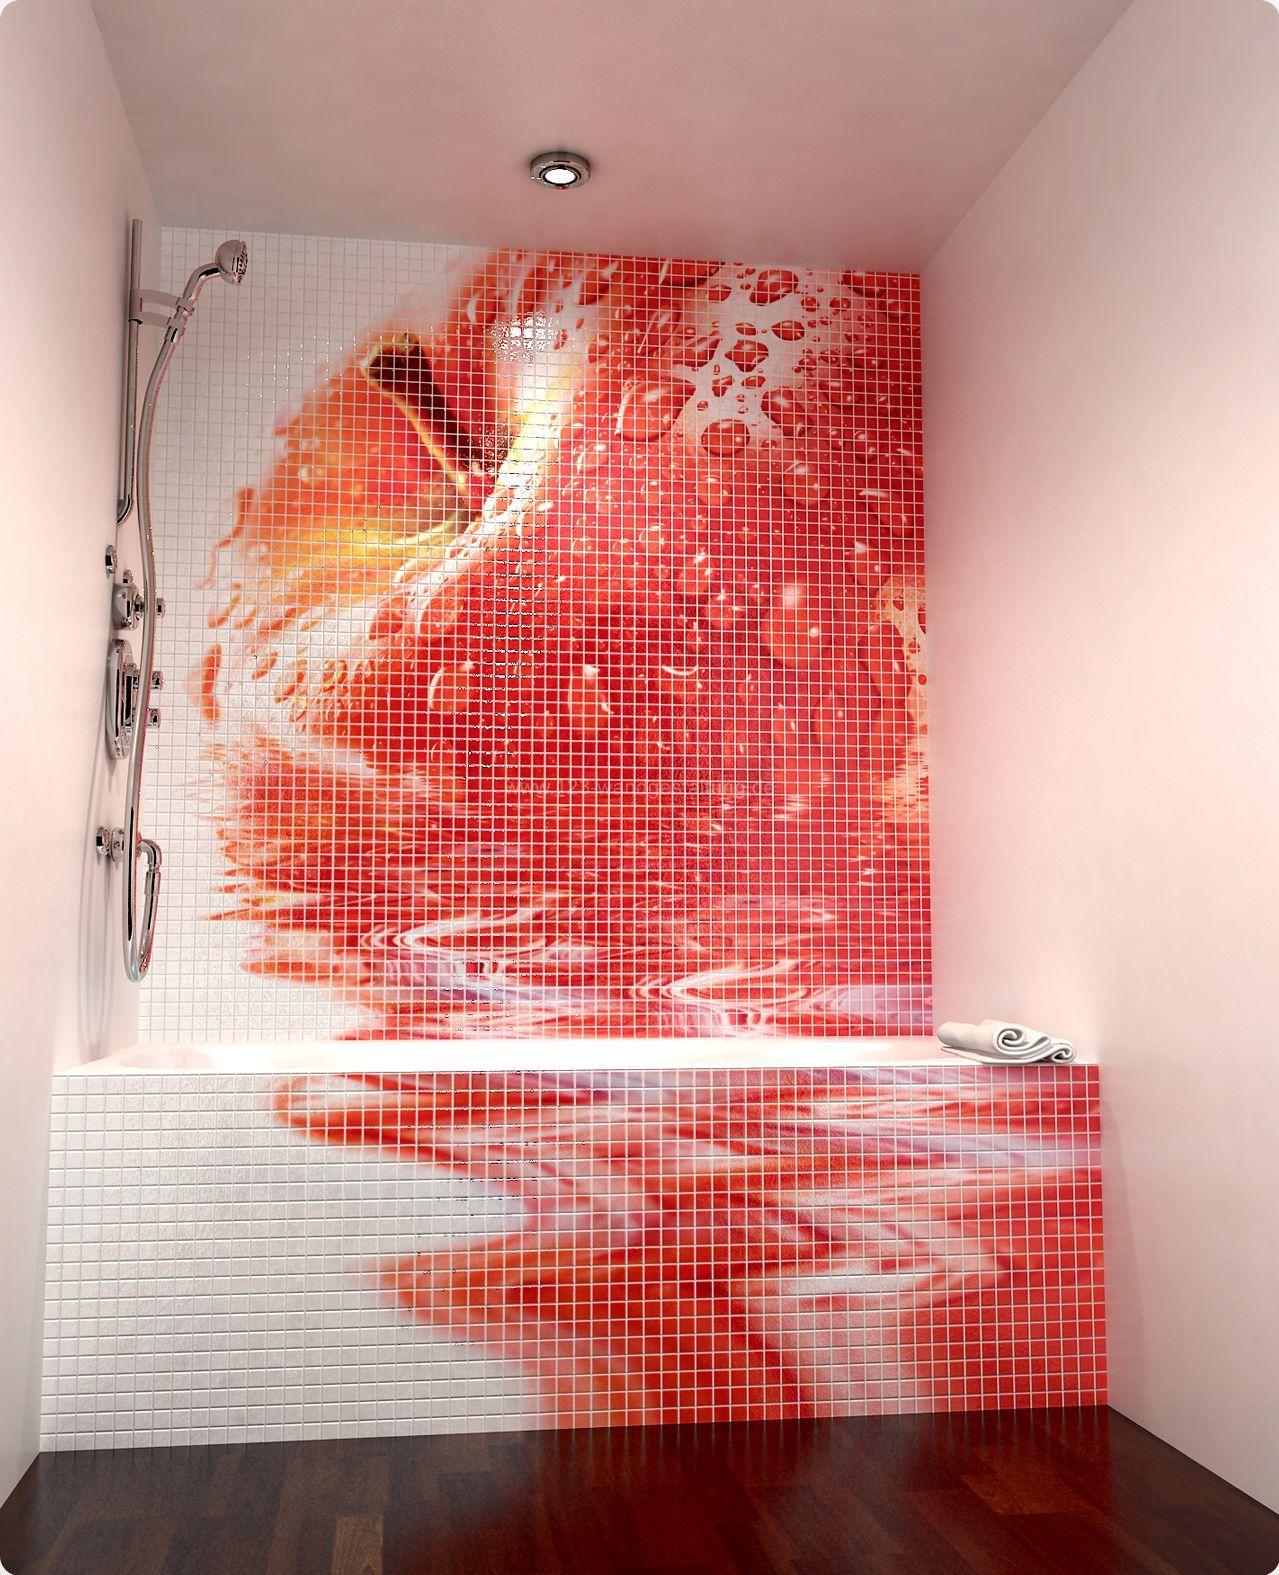 Wandgestaltung Mit Mosaikfliesen Aus Keramik Für Das Badezimmer